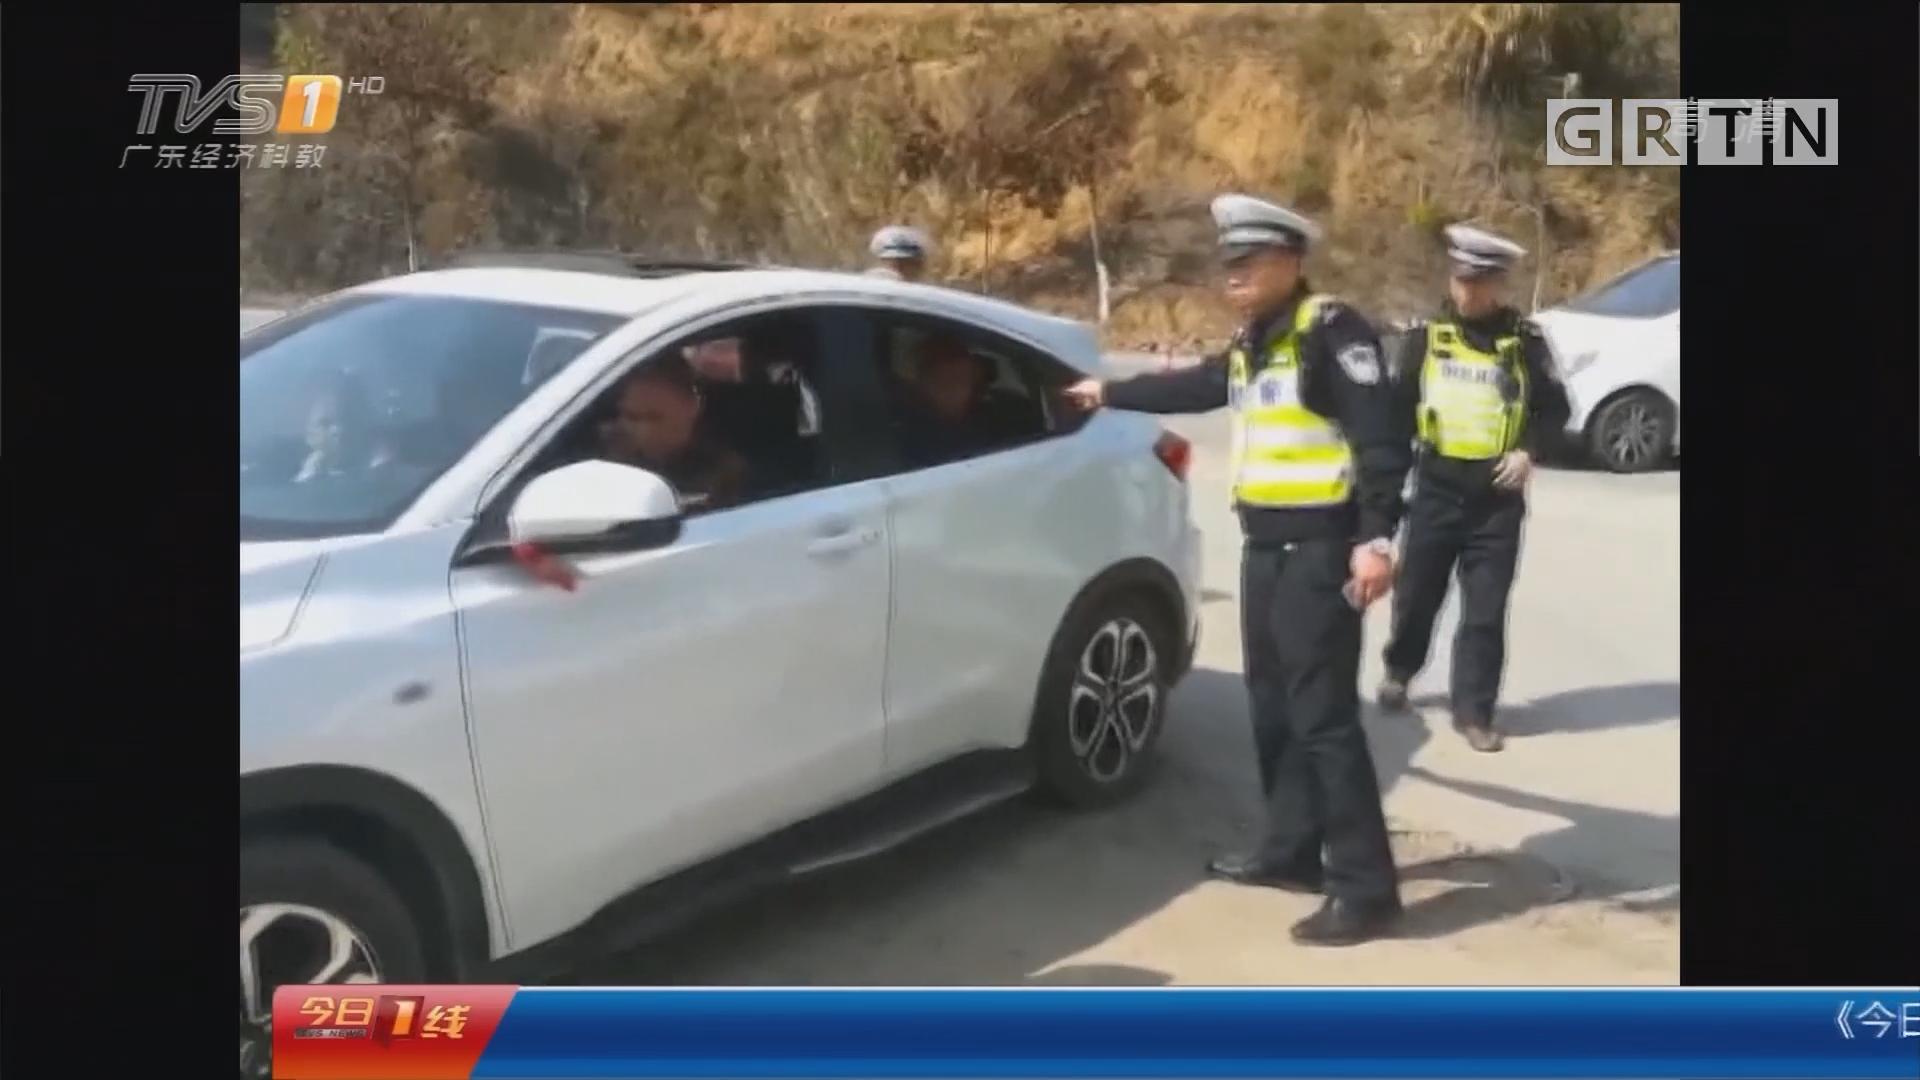 广西:严重超载 4名小孩被塞进后备箱